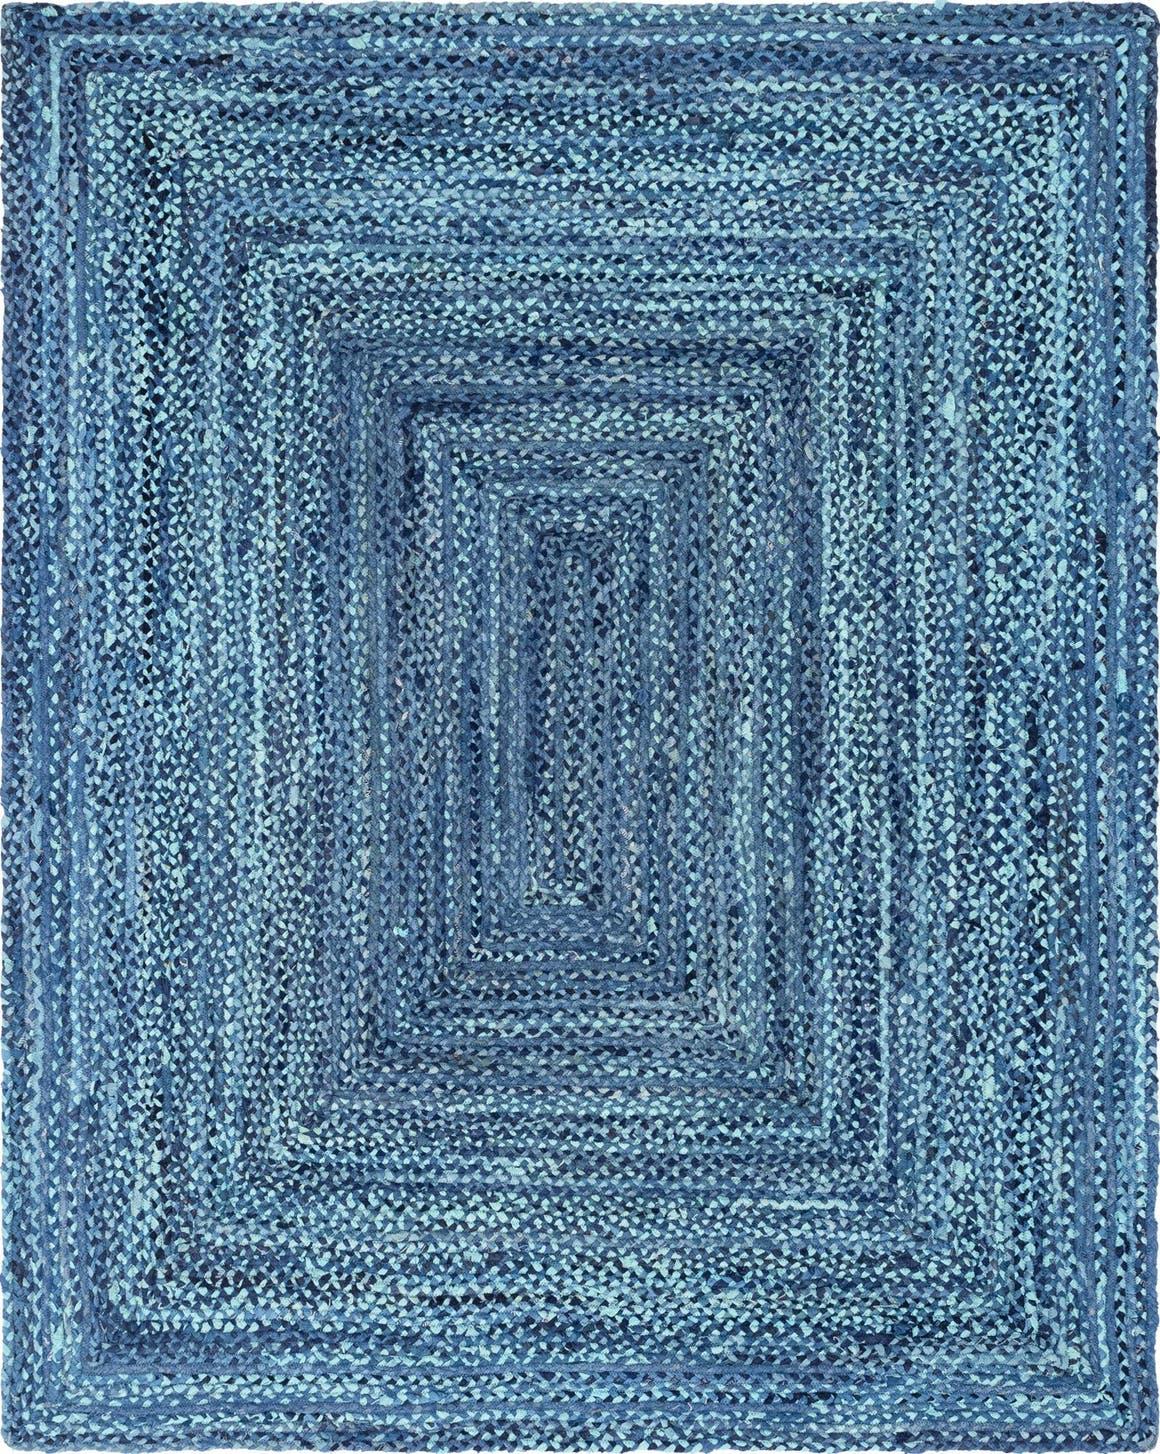 8' x 10' Braided Chindi Rug main image